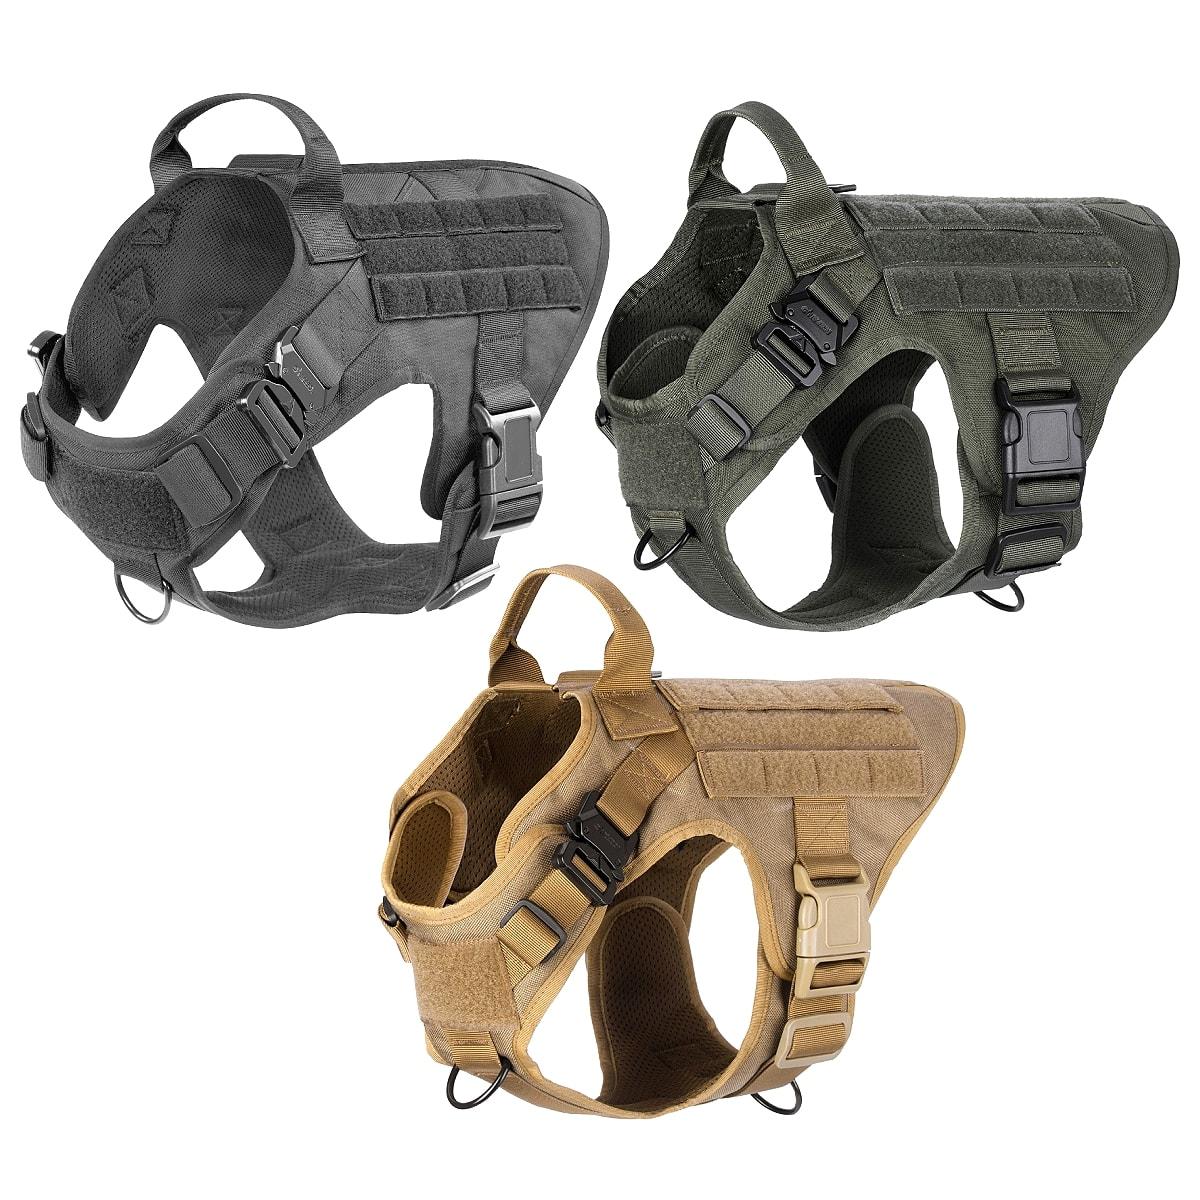 【送料無料!】全3色! 5サイズ [Military Tactical Molle Vest Dog Harness] ミリタリータクティカルモールベスト ドッグハーネス! 軽量 胴輪 K9 アーミー モールシステム 犬用 首輪 リード取付可能 大型犬 中型犬 小型犬 ドッグ バイカー サバゲー ギフトに!